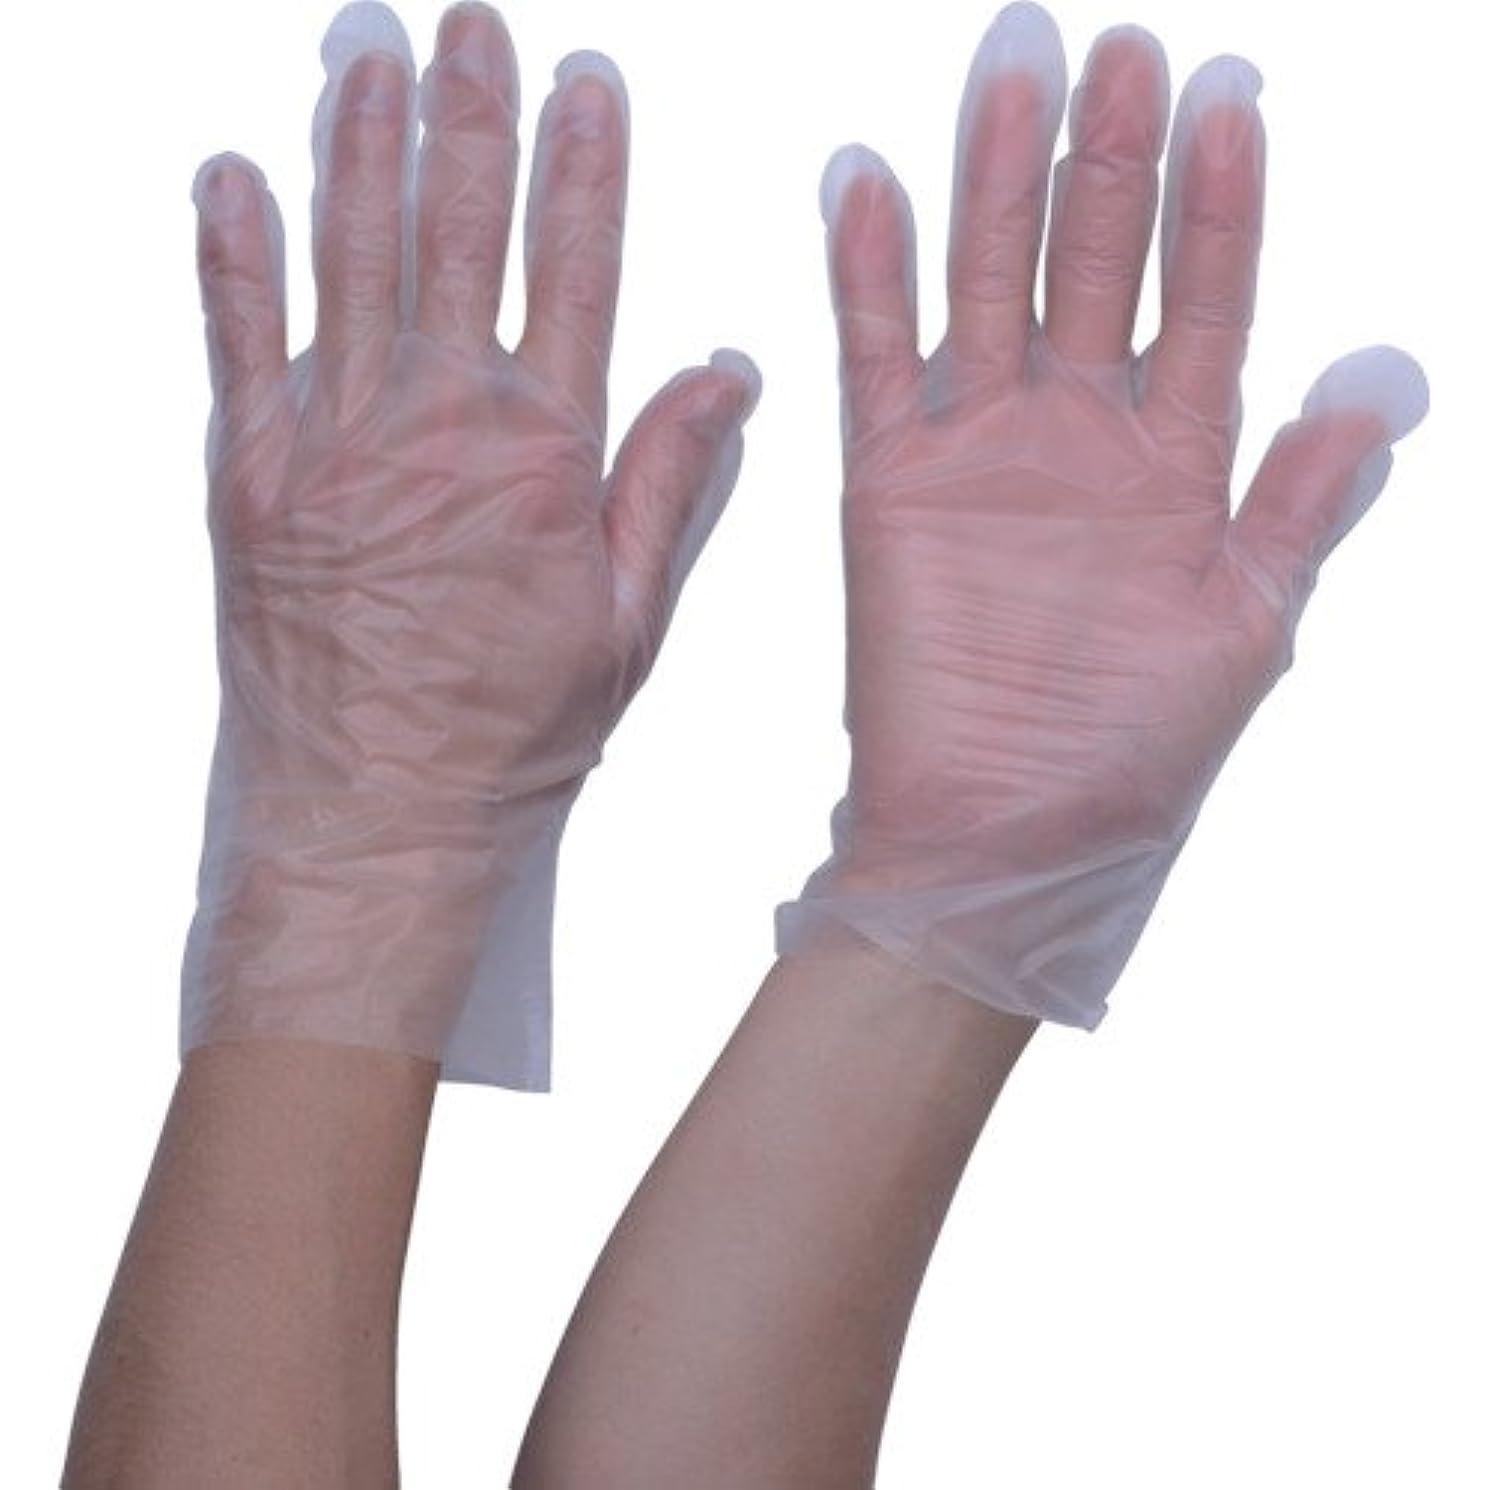 制限されたストリーム九時四十五分TRUSCO ポリエチレン 使い捨て手袋 ウェーブカットタイプS (100枚入)(入数:100枚) TGCPE025S